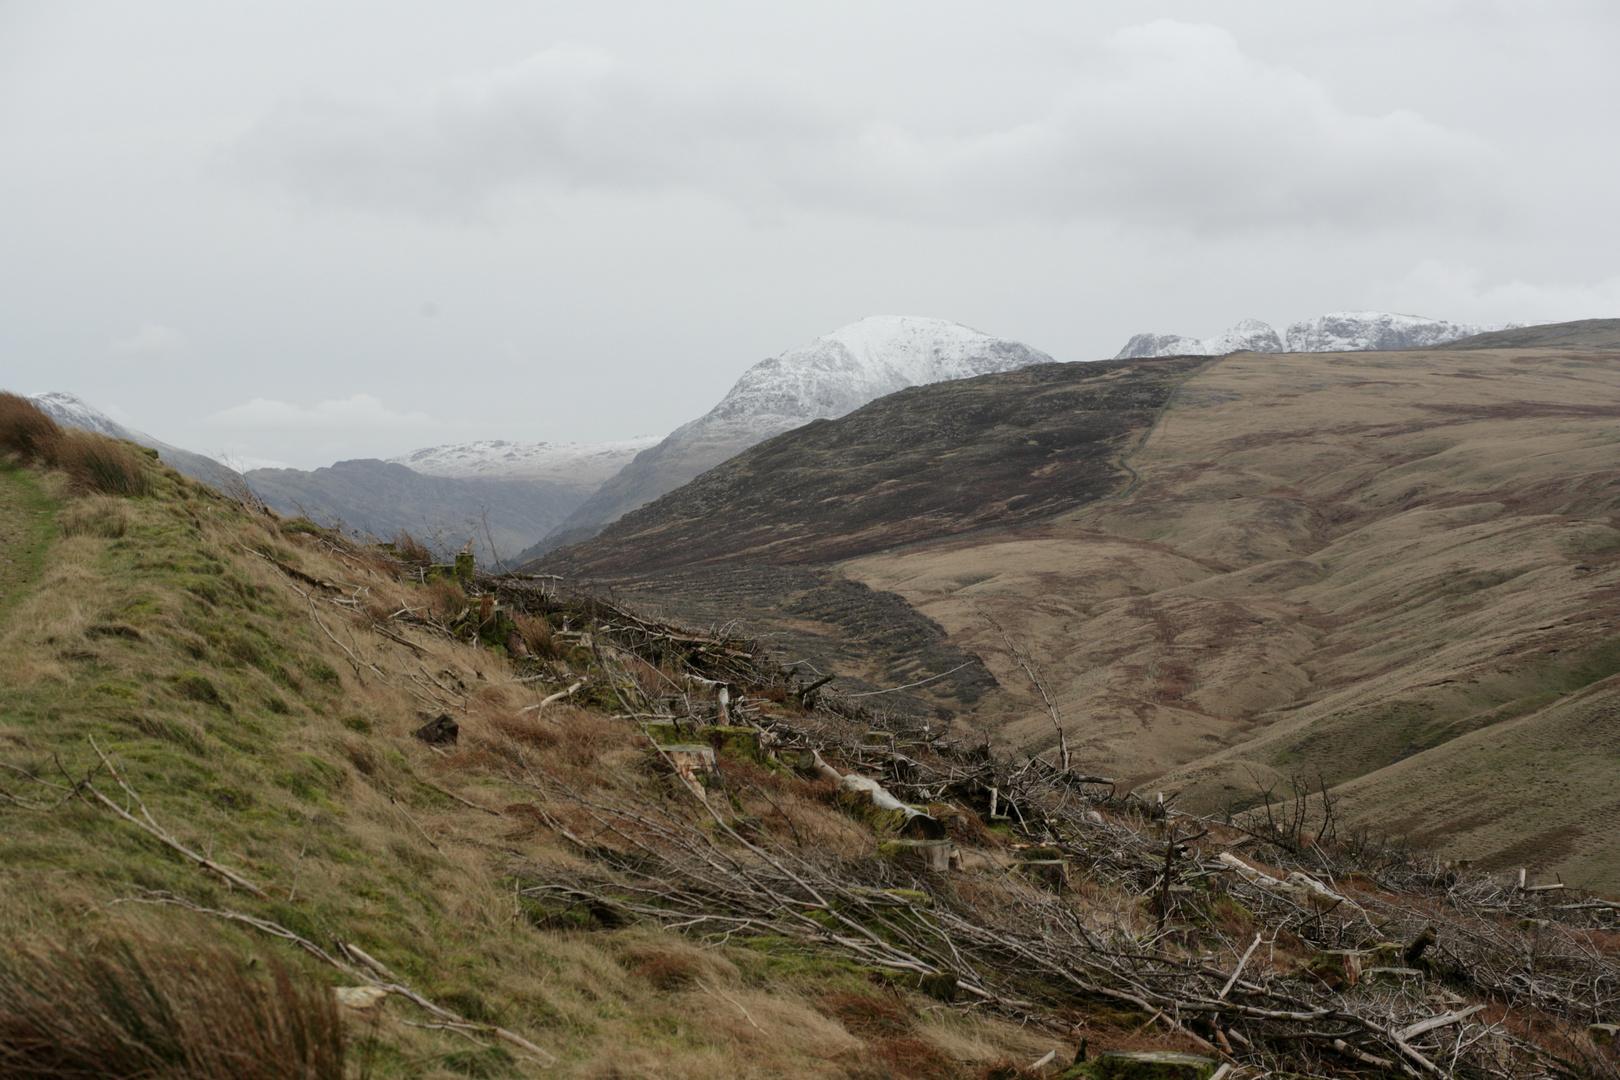 Blick vom Crag Fell auf die Bergkette hinter dem Ennerdale mit Pillar, Haystack etc.